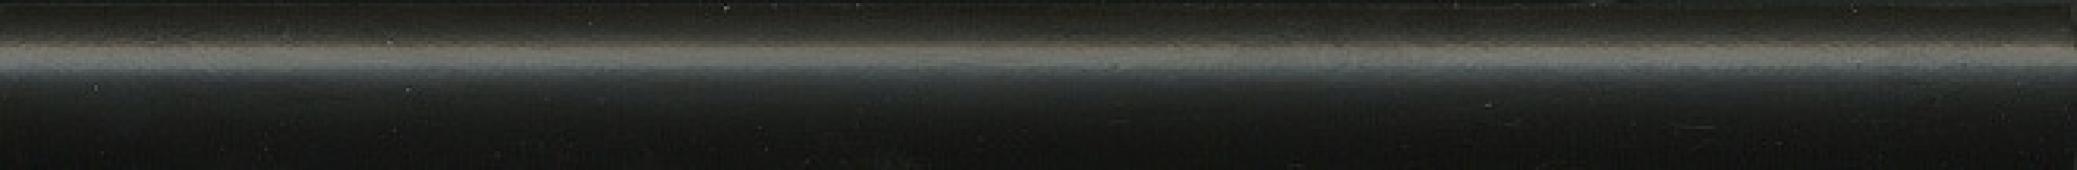 Карандаш Диагональ черный обрезной 25x2x12